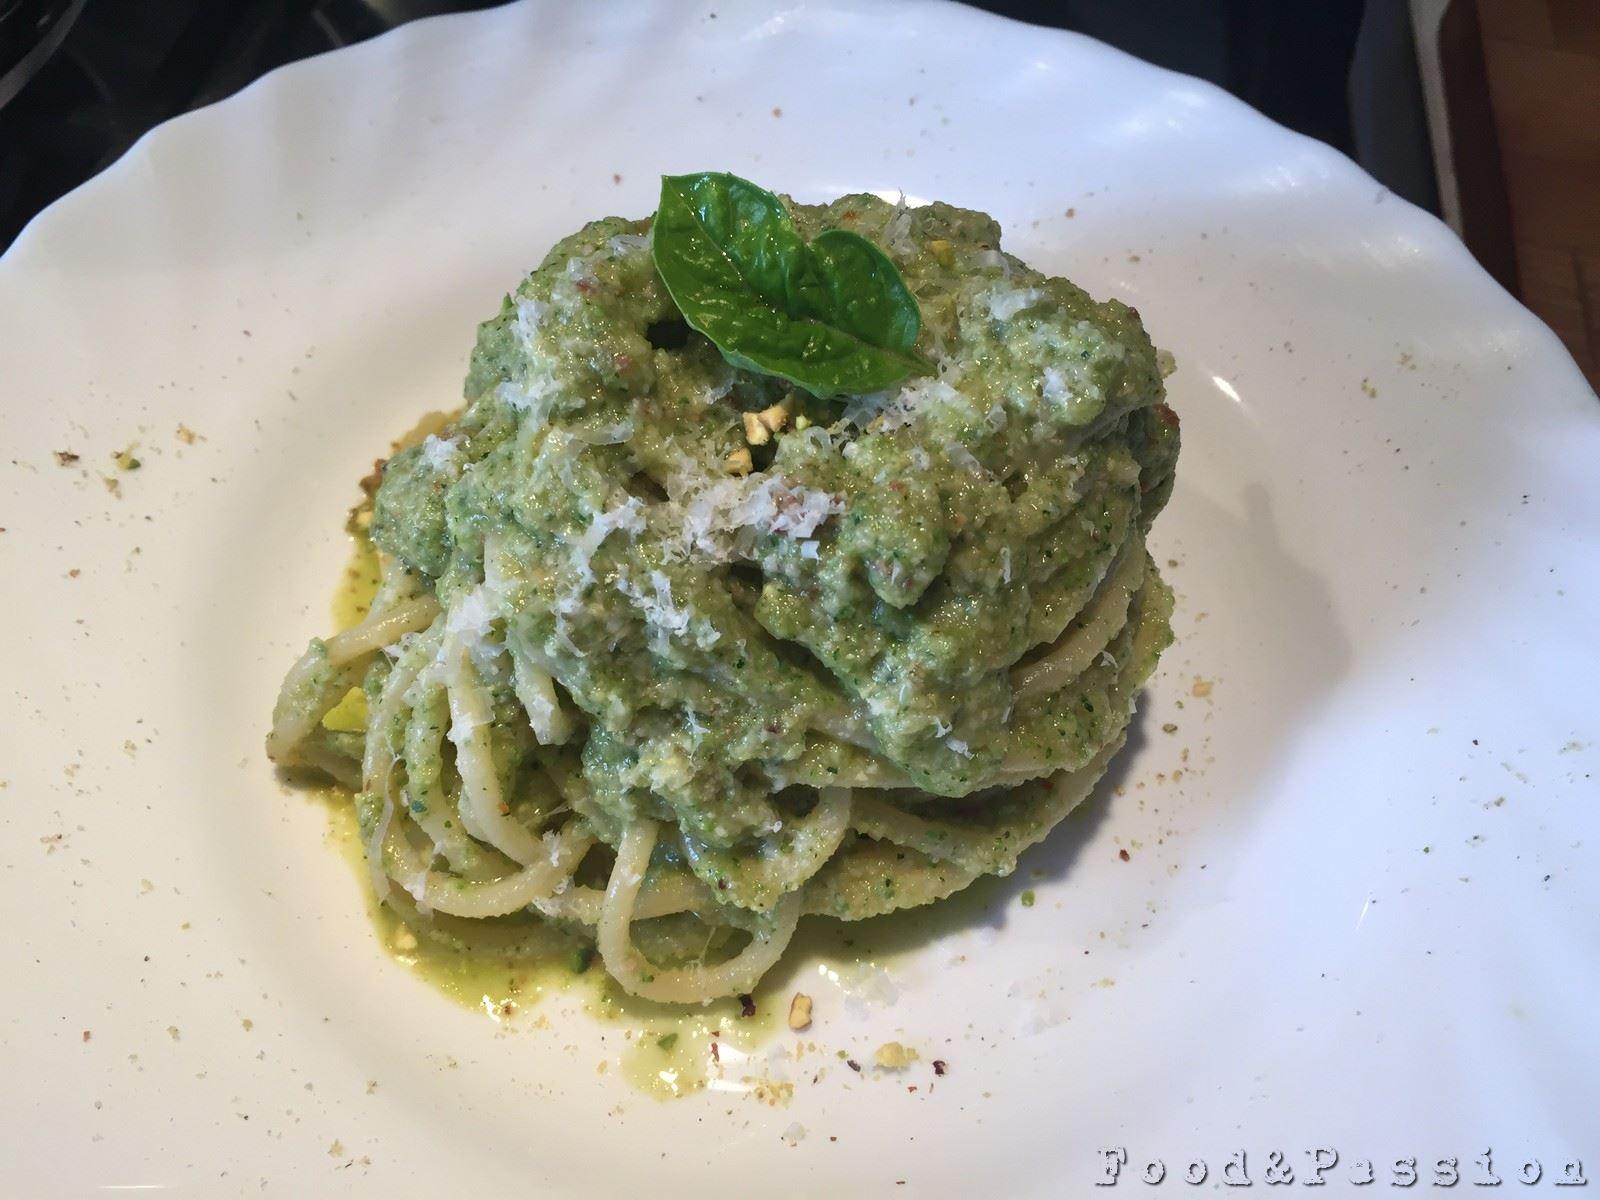 Vermicelli al pesto di zucchine e pistacchio 2